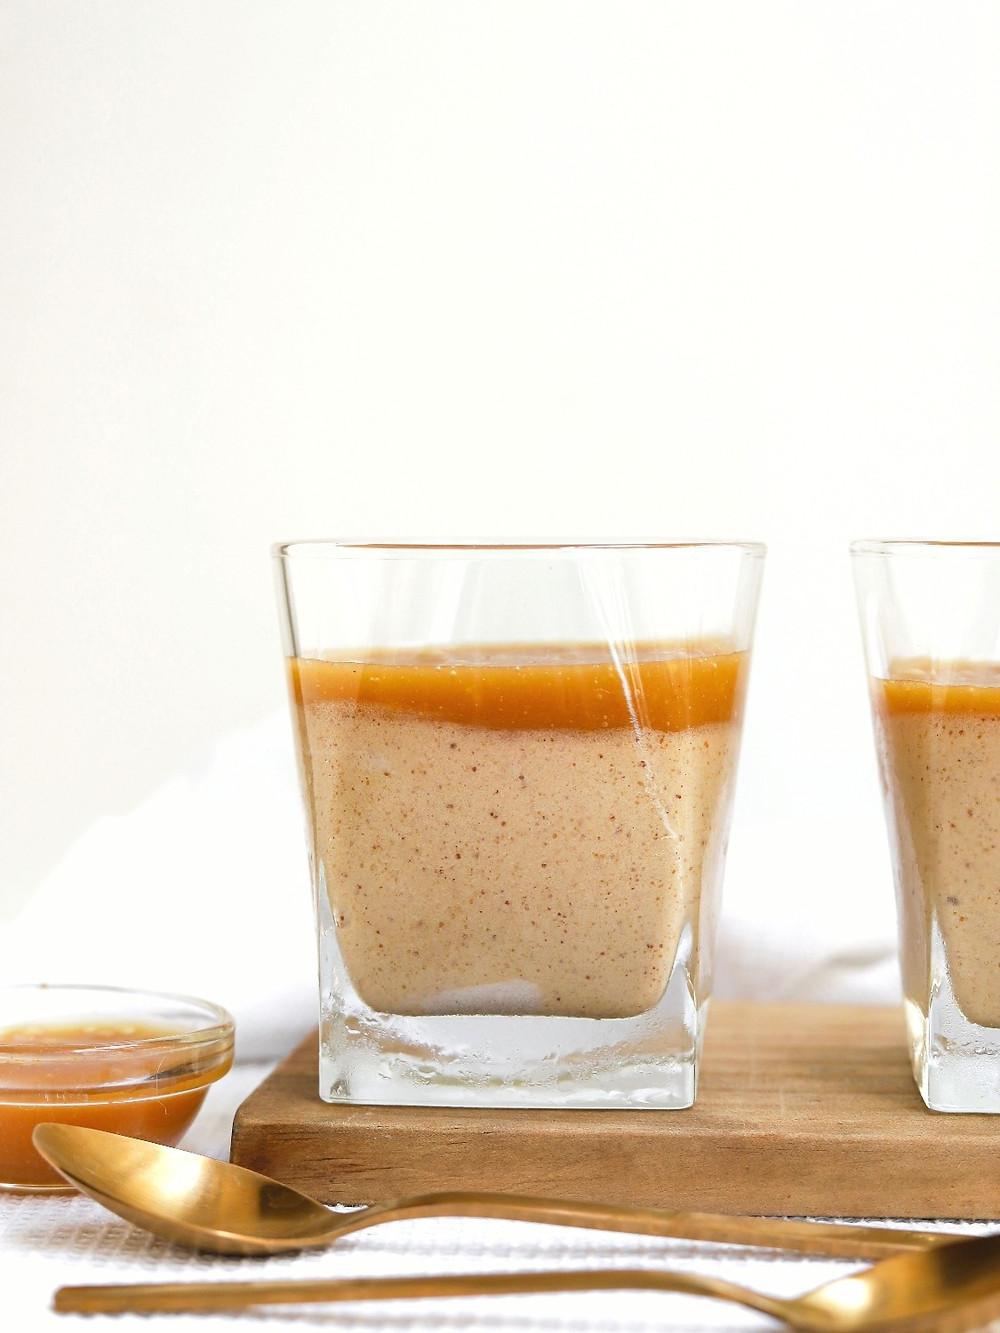 Mousse Vegan de Manteiga de Amendoim e Leite Condensado - 3 ingredientes!